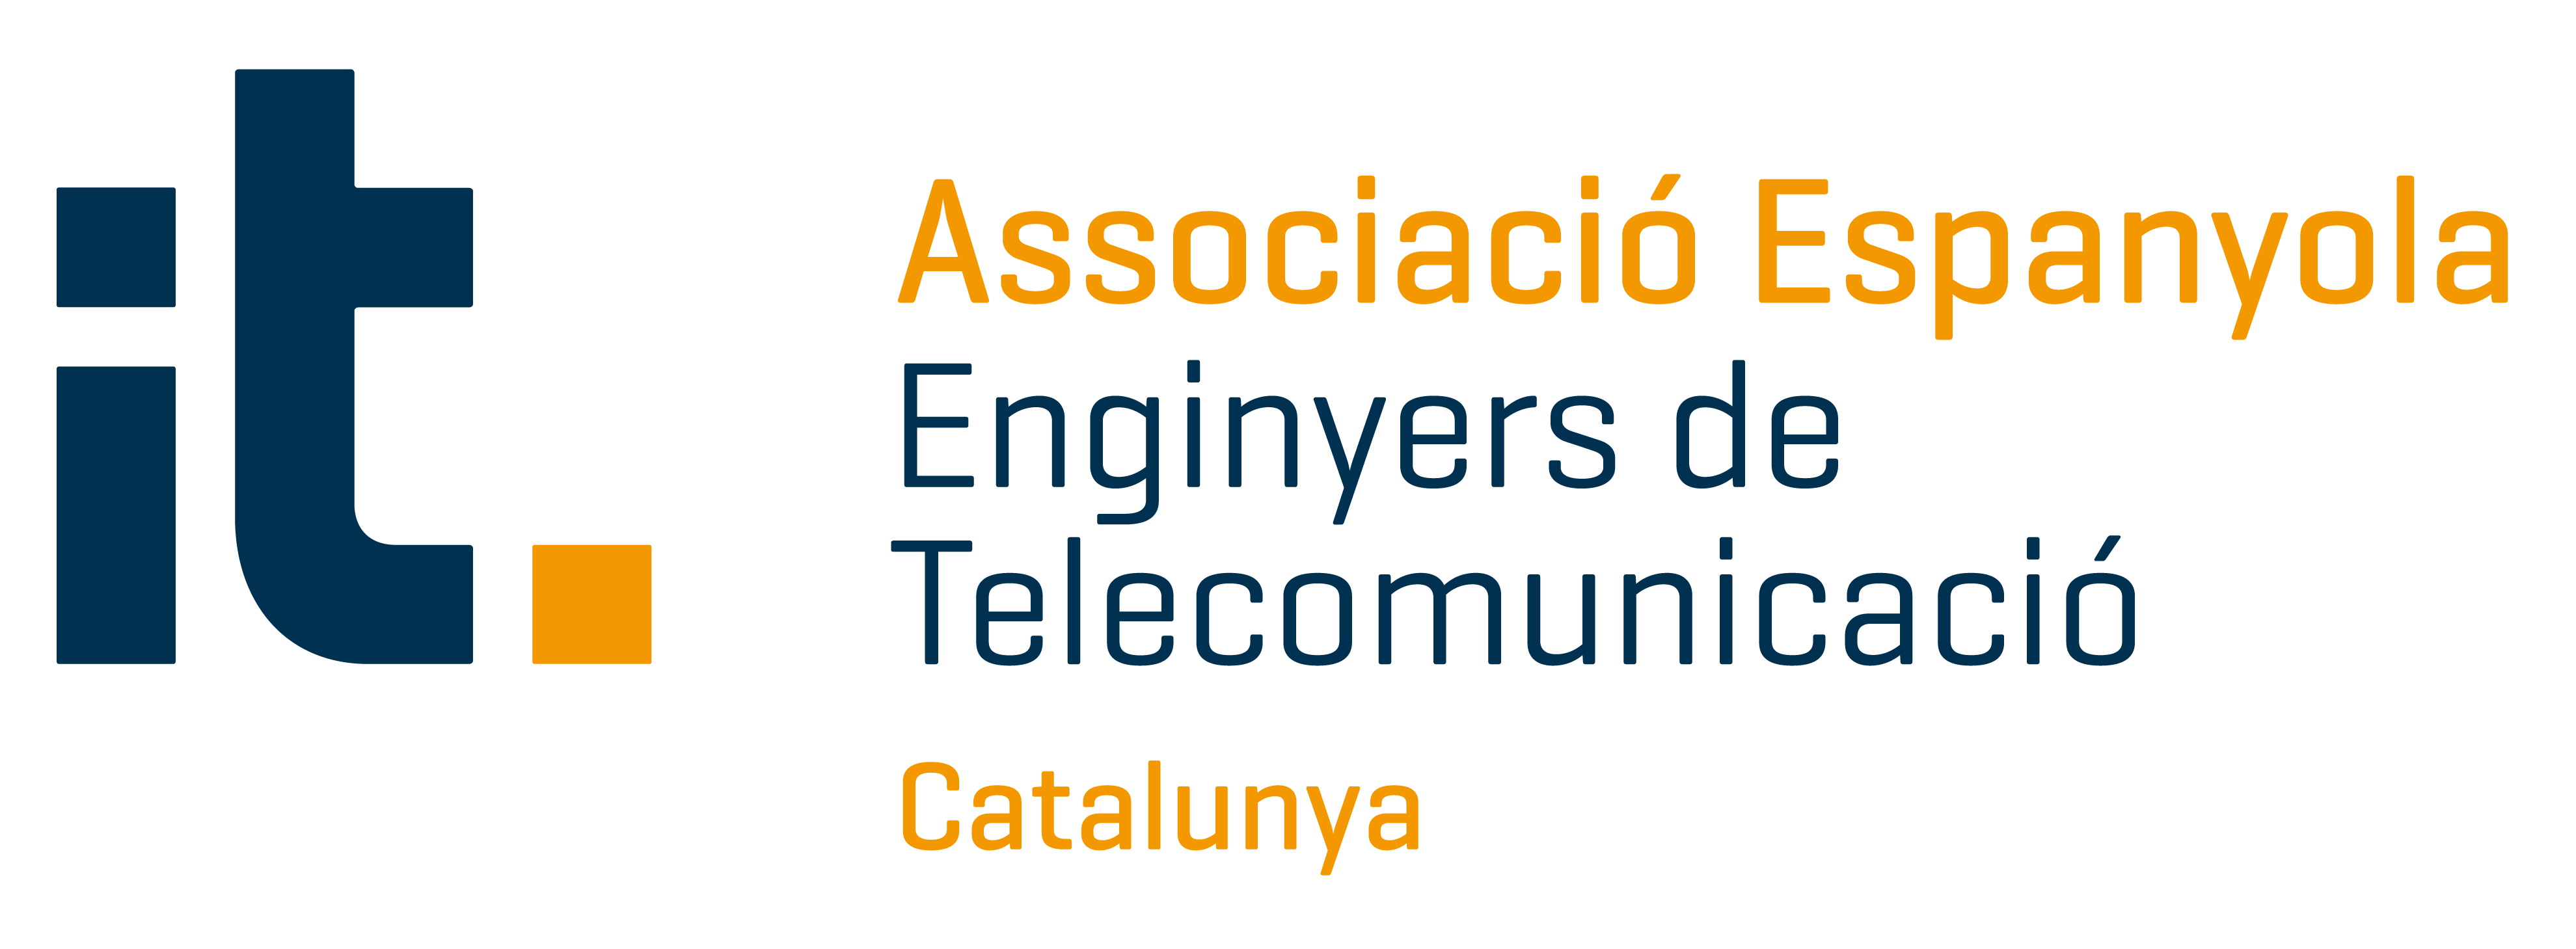 aeit cataluña